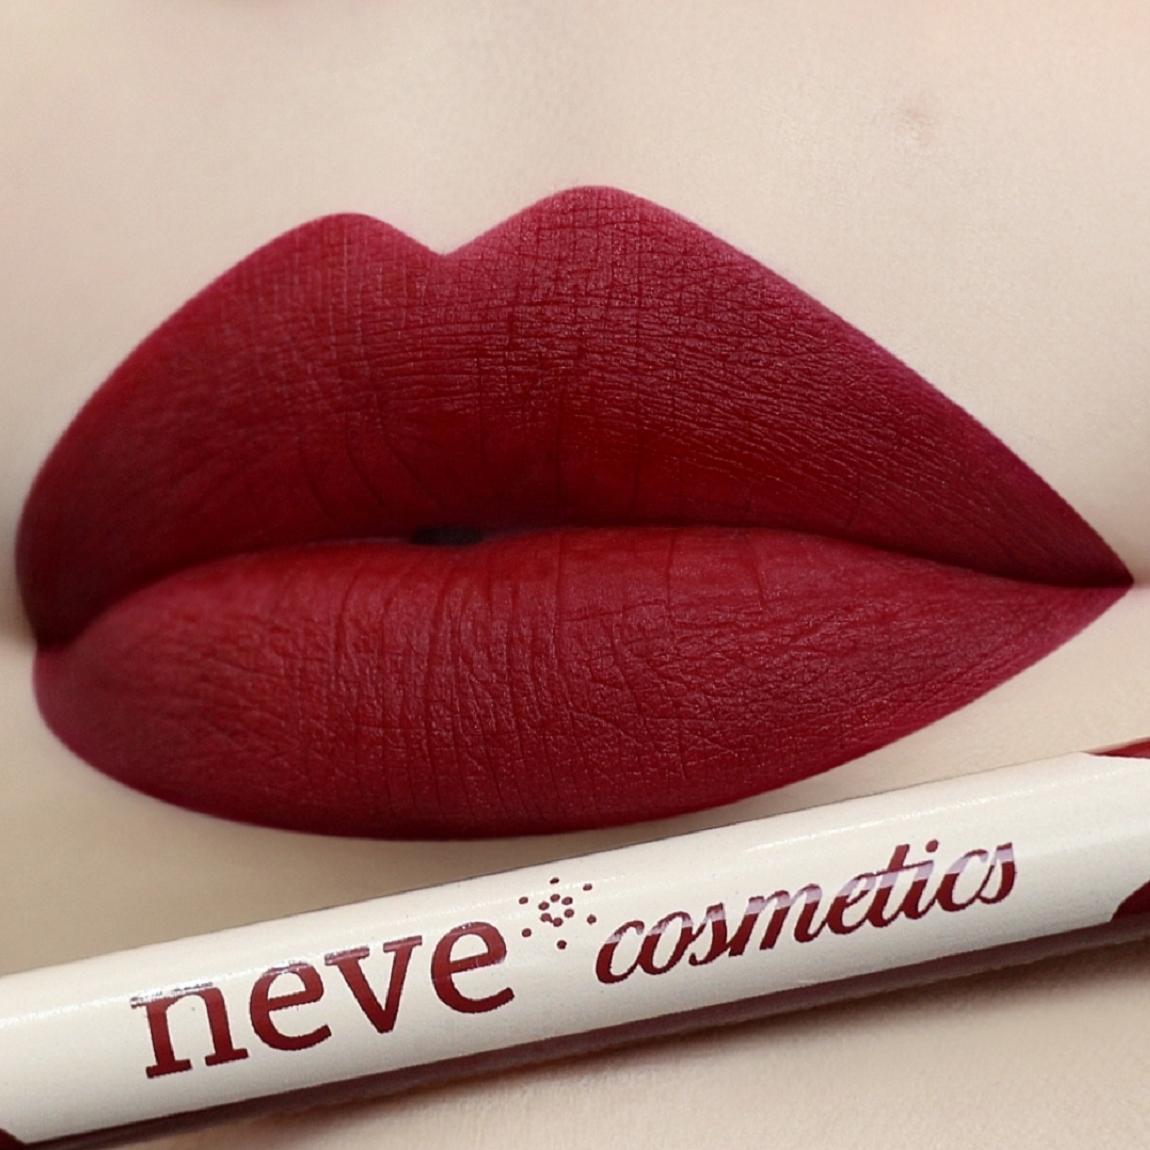 Pastello labbra Blood:Rosso sangue intenso. Scuro, fiero, vellutato.